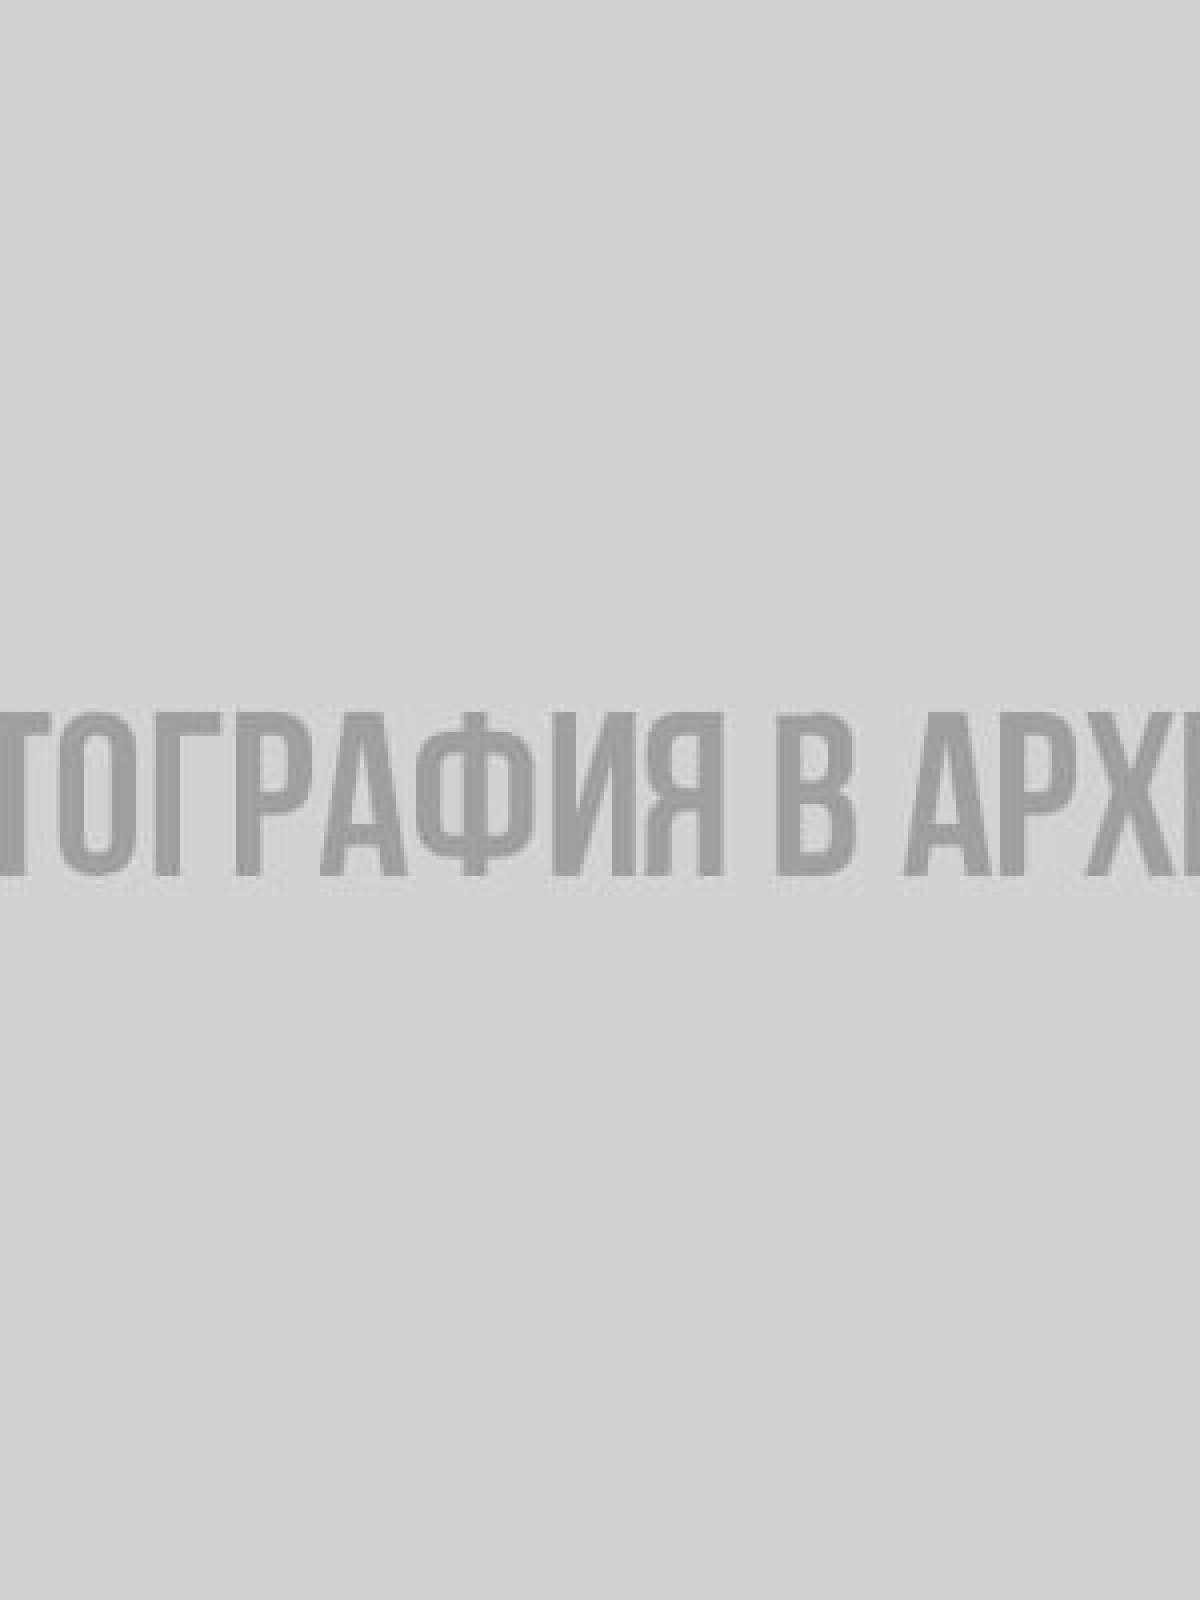 Фото: грибники Ленобласти и Петербурга хвастаются в соцсетях своим «уловом» Петербург, Ленобласть, грибы